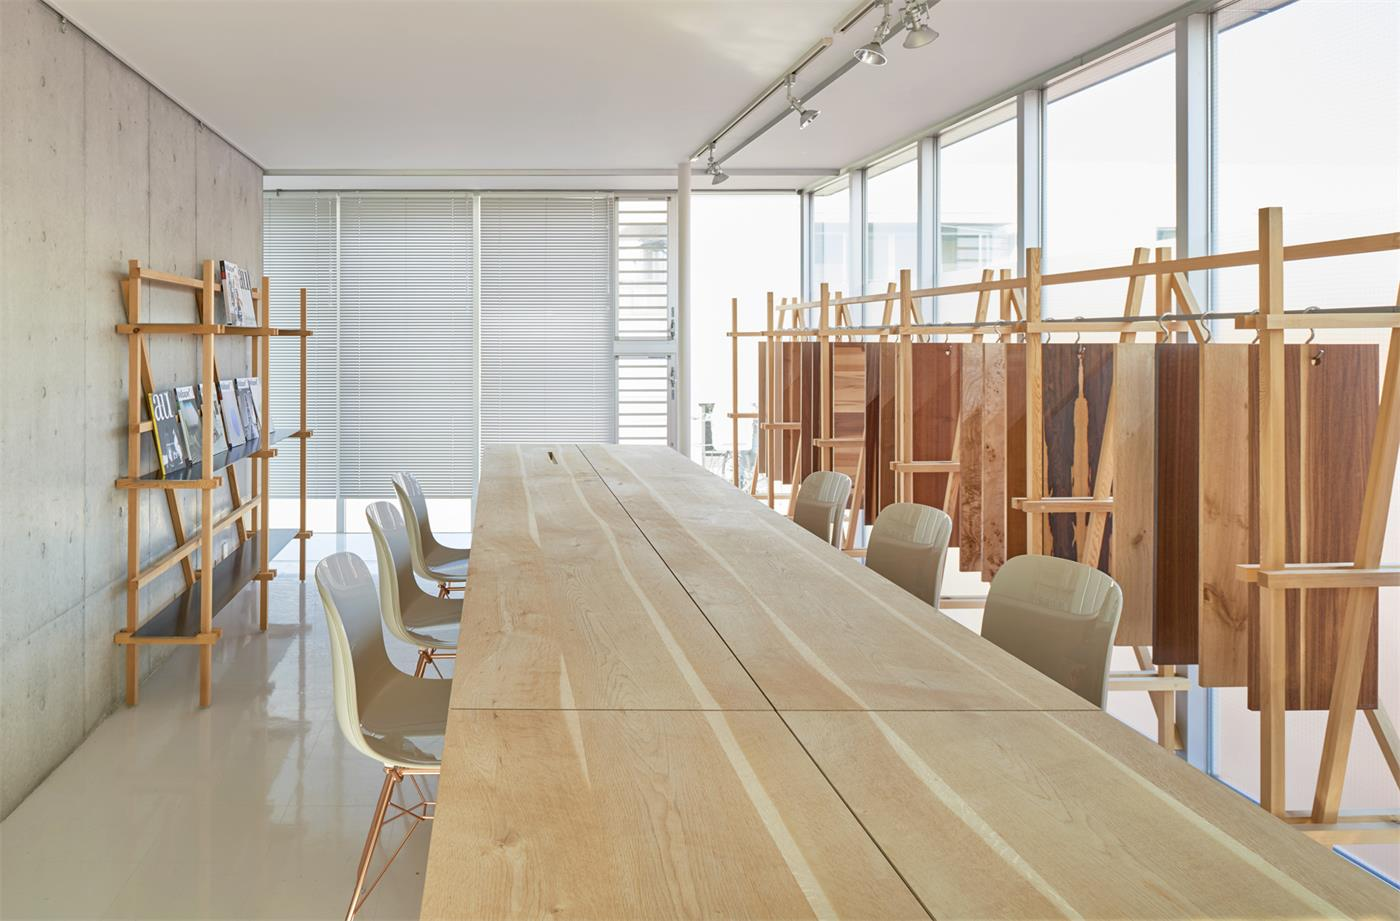 展厅设计, 展示设计, 展览设计, 展厅装修图片, 展厅设计图片,展厅设计理念,商业空间设计